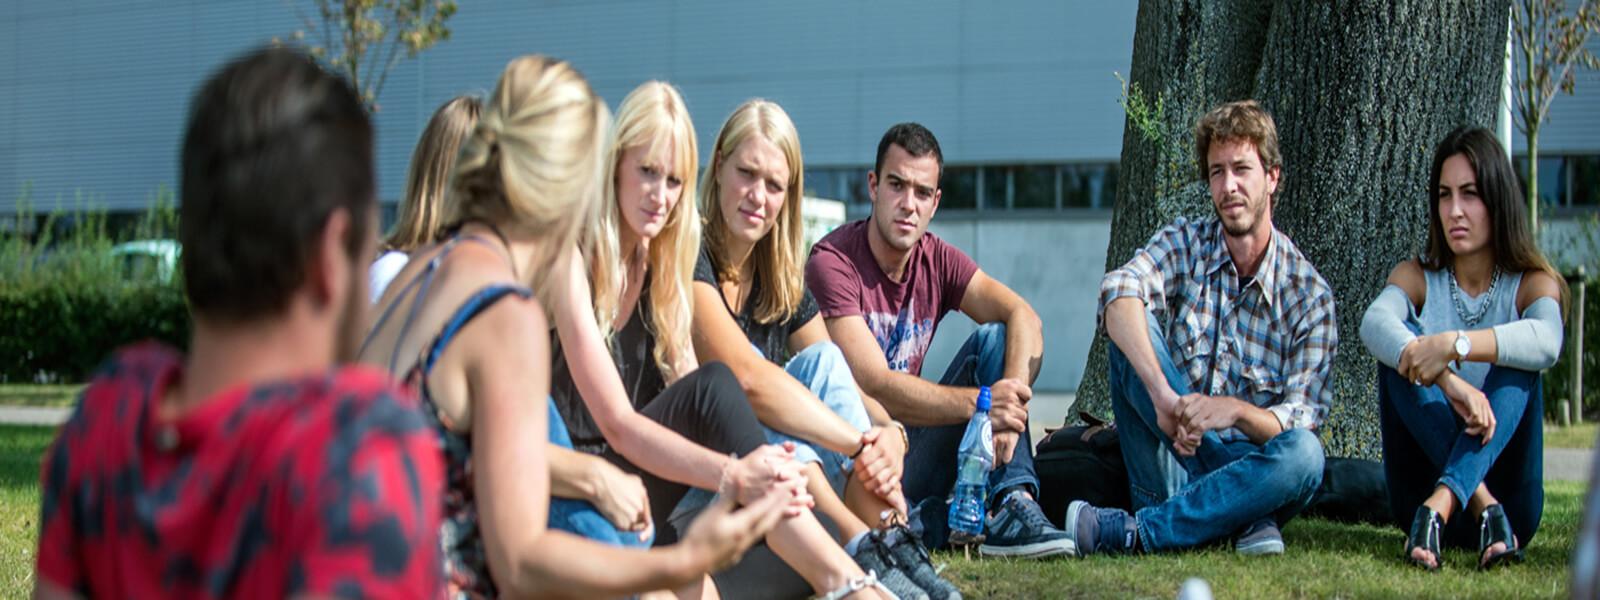 bachelor- international business-studyinholland-universitiesofappliedsciences-hz zeeland-vlissingen-holland